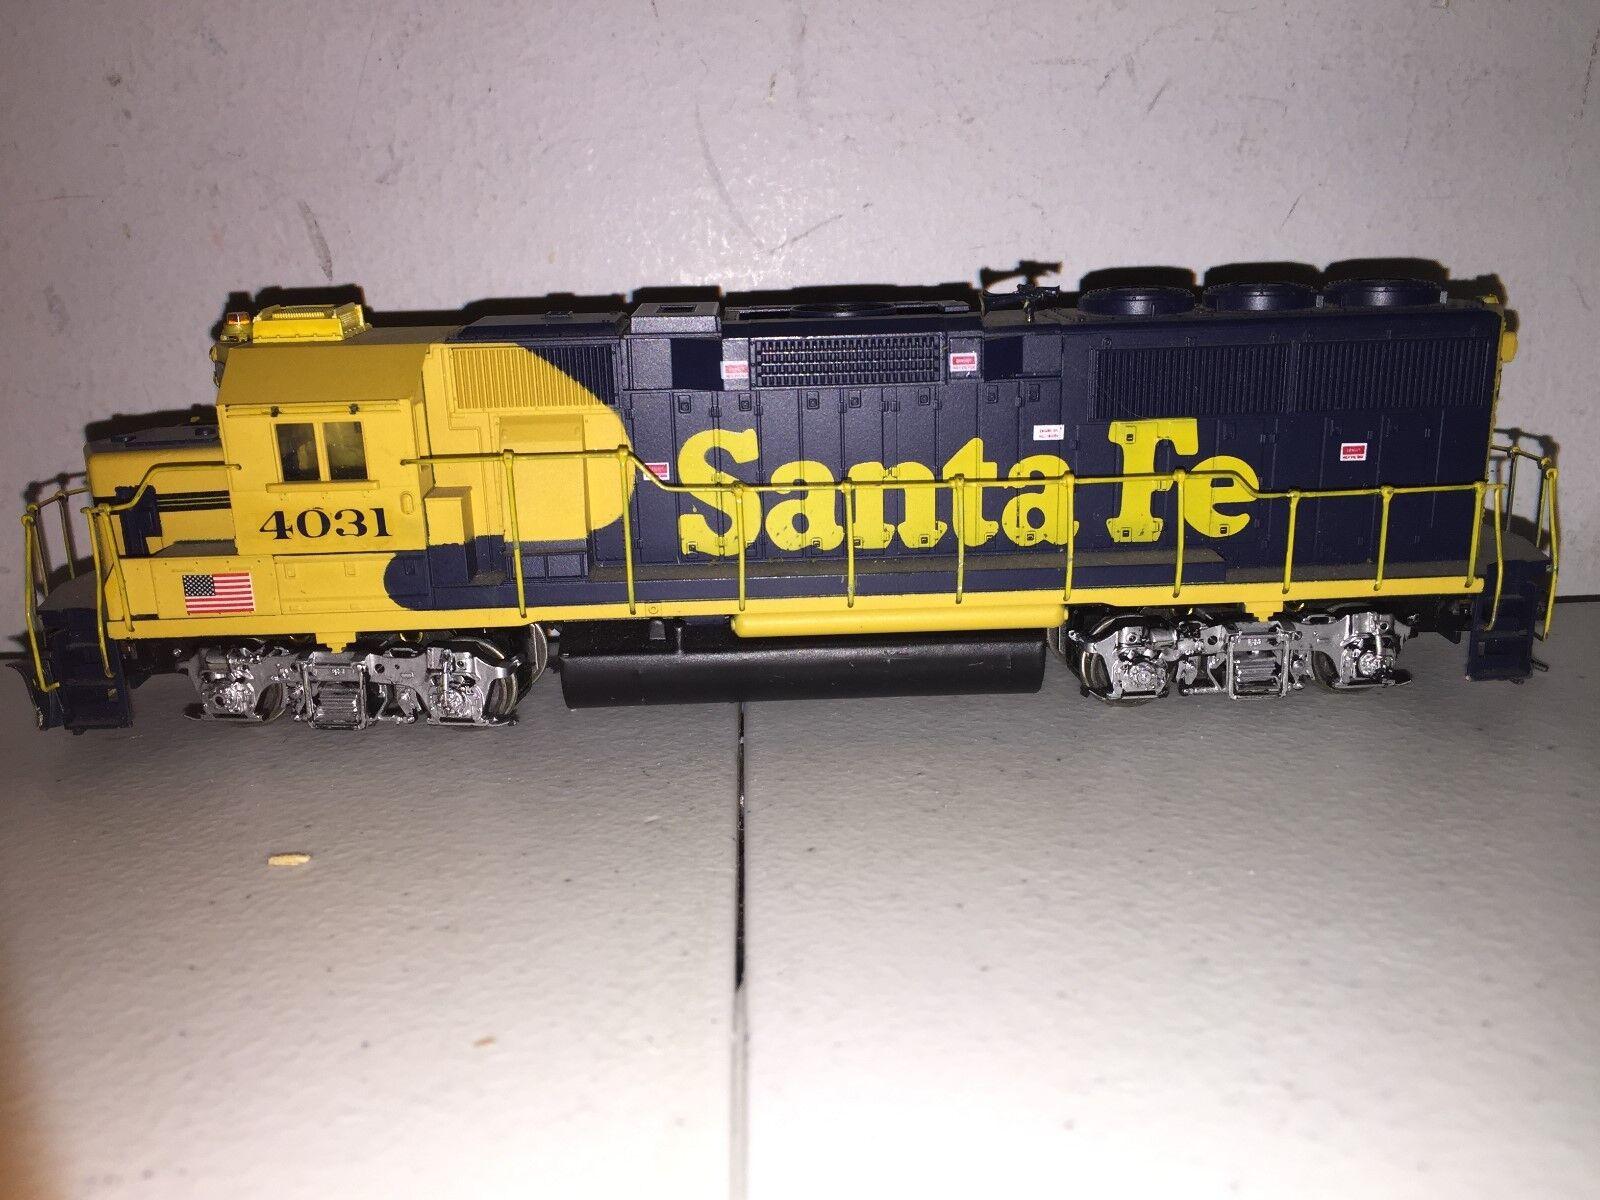 SANTA FE ATSF 4031 WALTHERS PredO RTR HO ENGINE